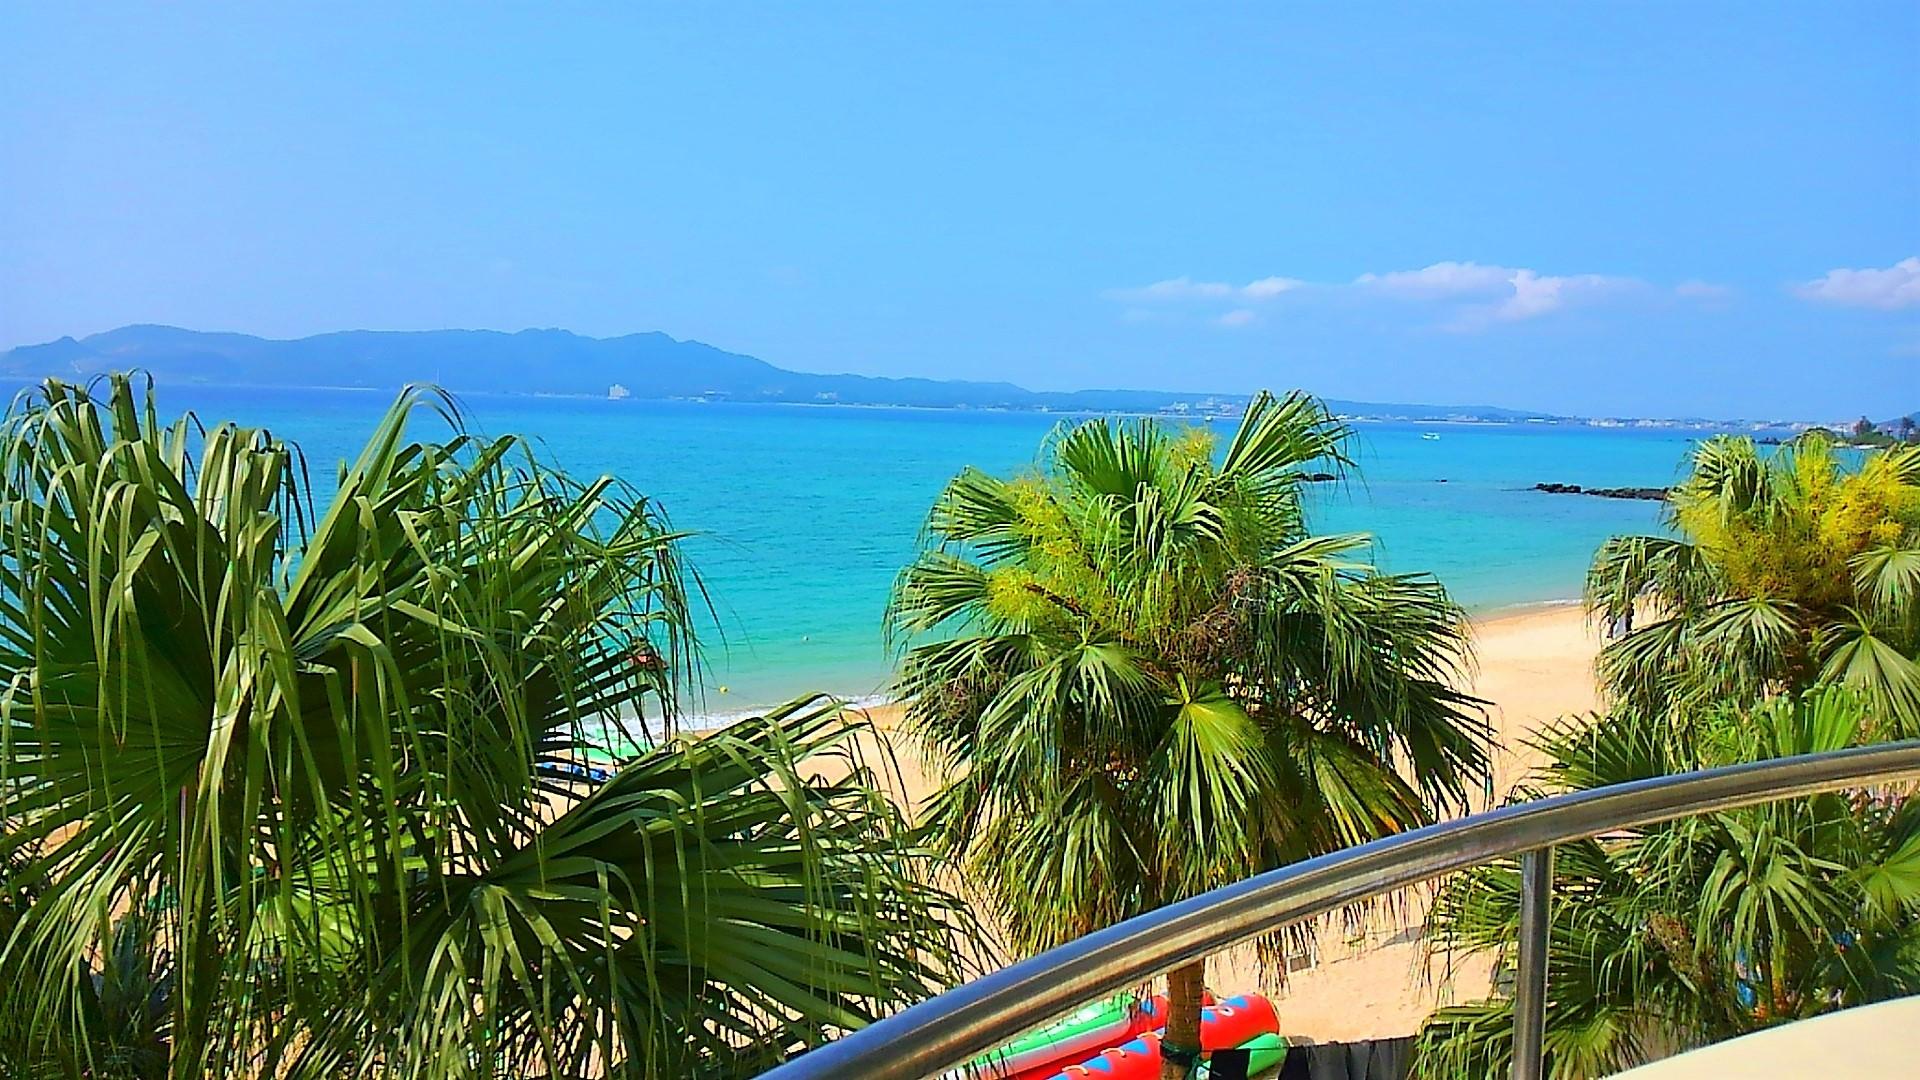 かねひで喜瀬ビーチパレスの部屋から見た眺望は、まさにオーシャンフロント。目の前一面に広がる海が一望できます。